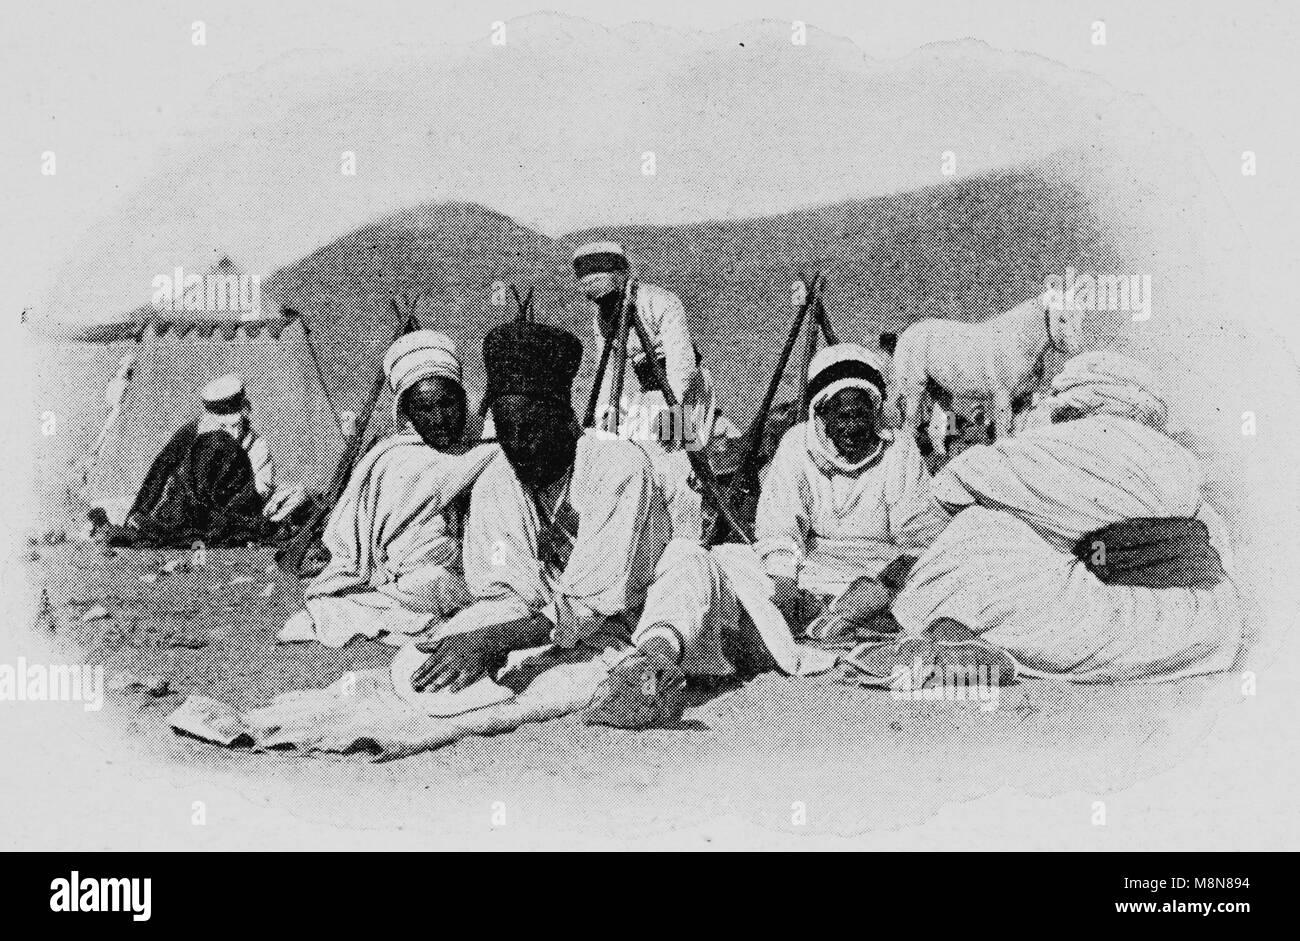 Französische Foureau-Lamy Expedition im Tschad im Jahr 1900, Expedition Camp, Bild aus der Französischen Stockbild